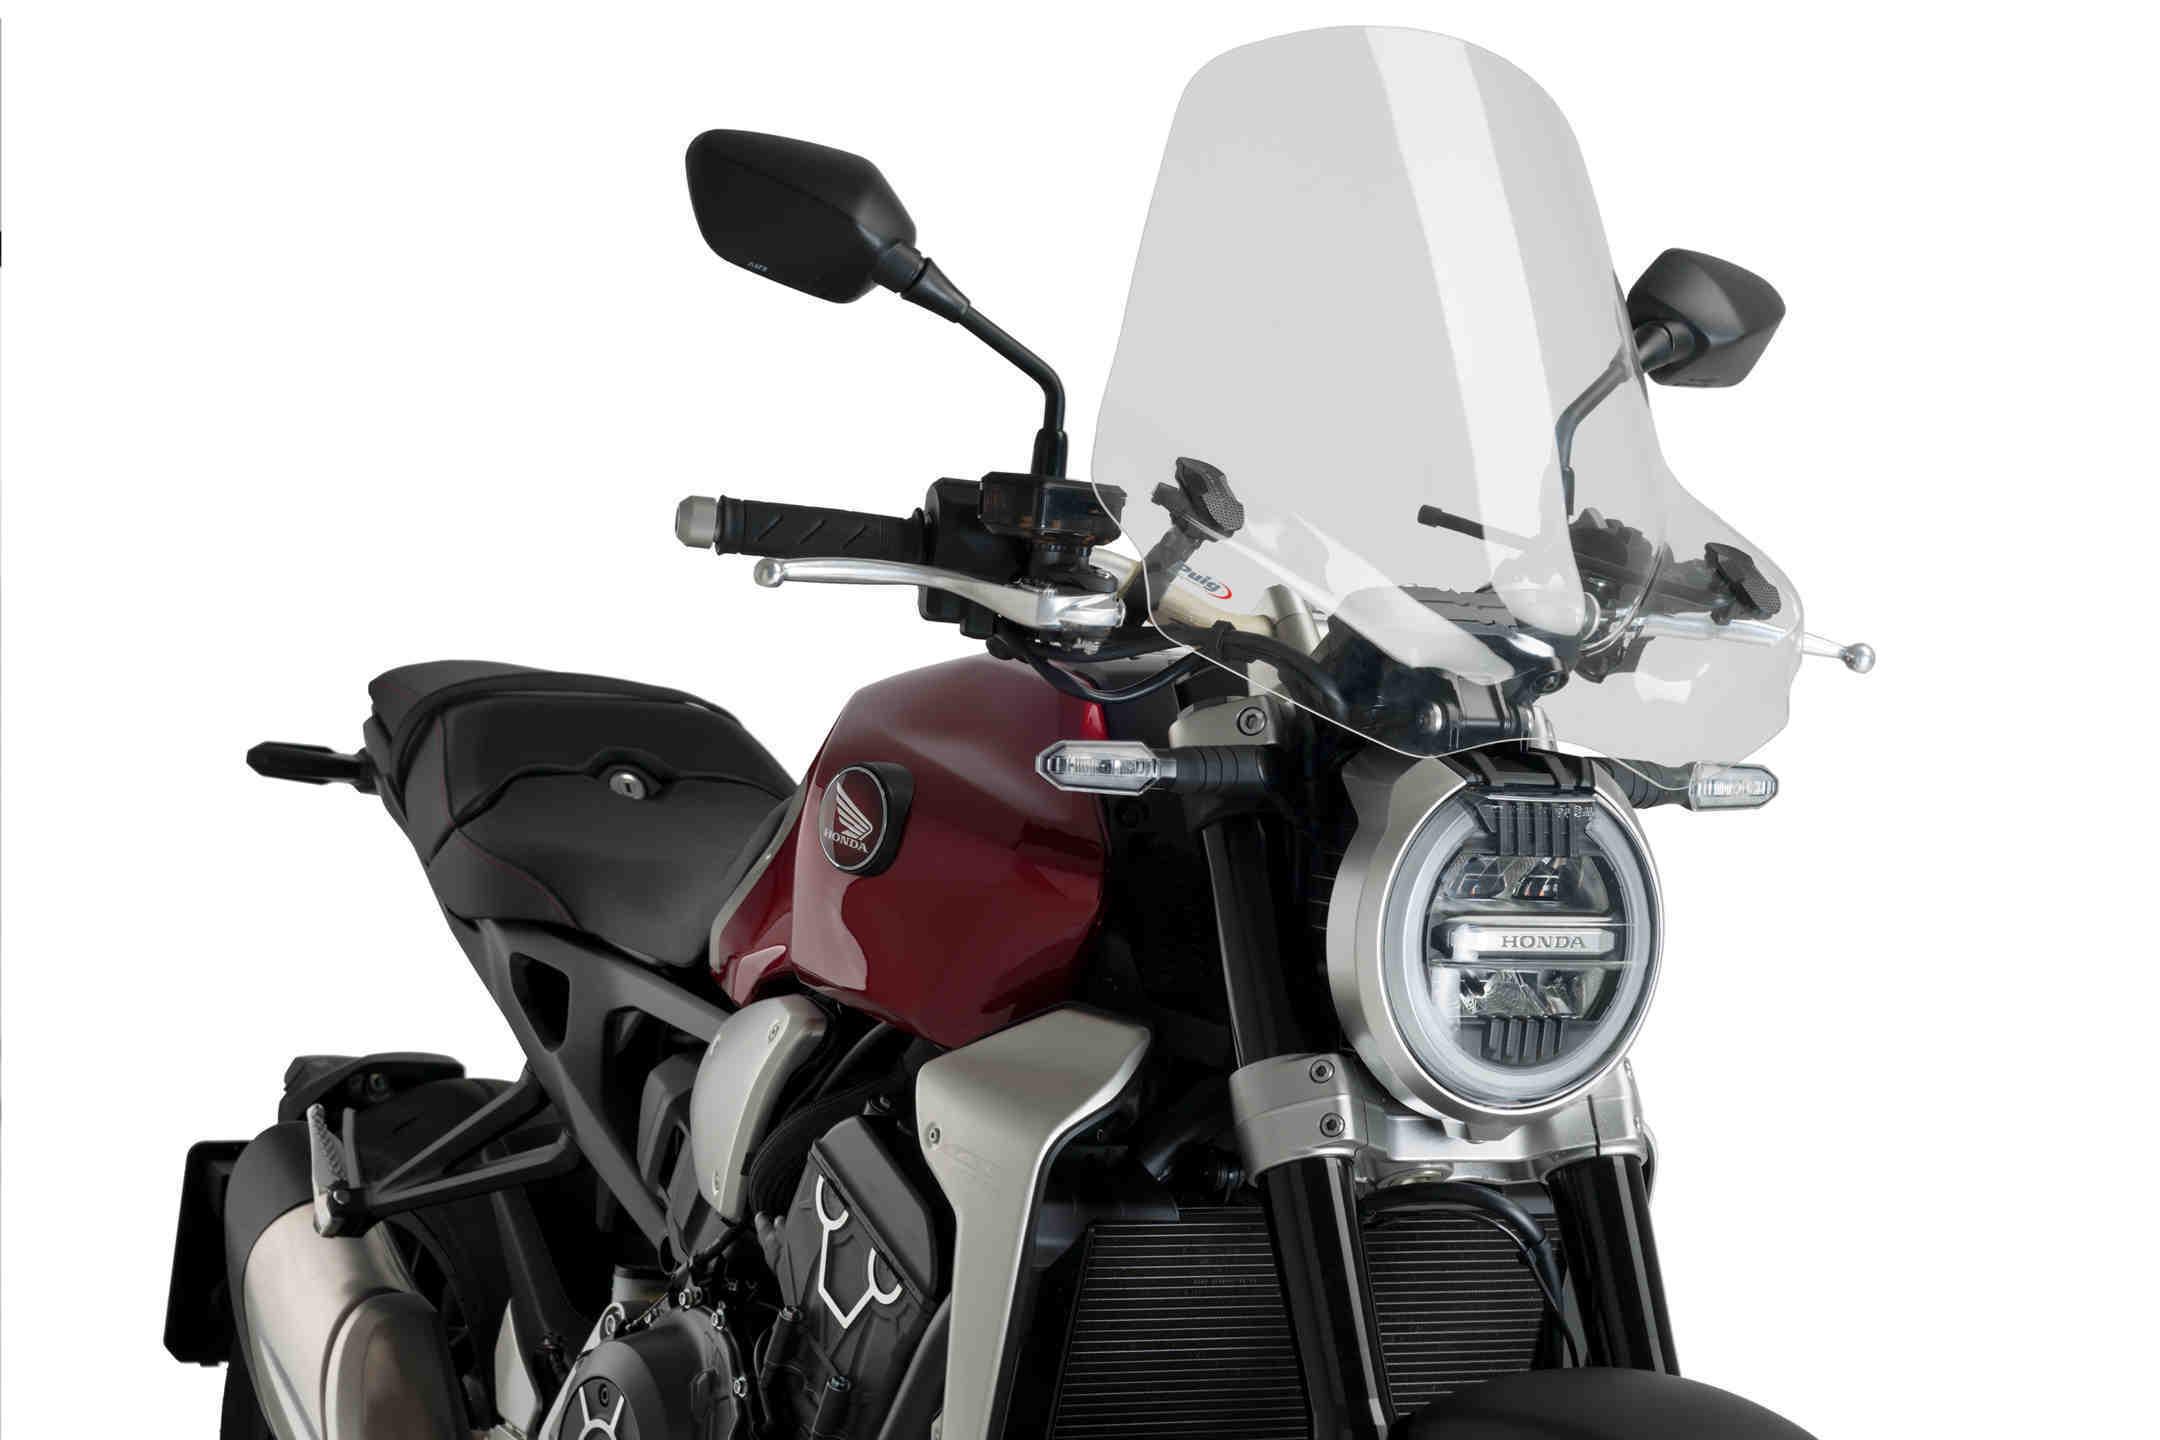 Neo Sports Cafe R/ückspiegel Spiegel Set kompatibel mit Honda CB 1300 V41 CB1000 // CB1000R